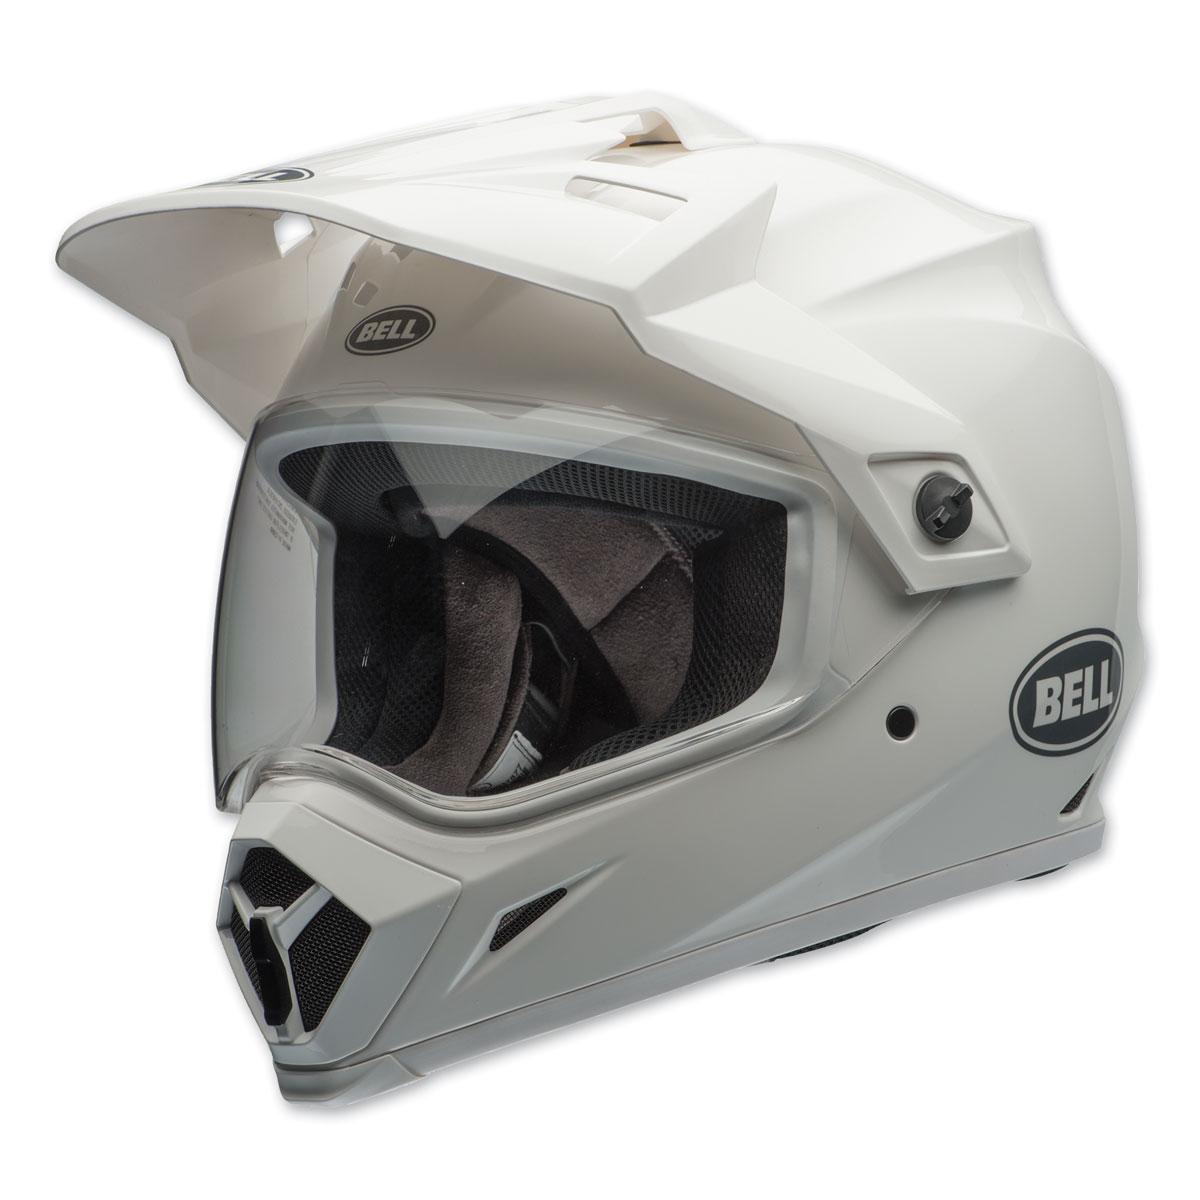 Bell MX-9 Adventure MIPS Gloss White Full Face Helmet